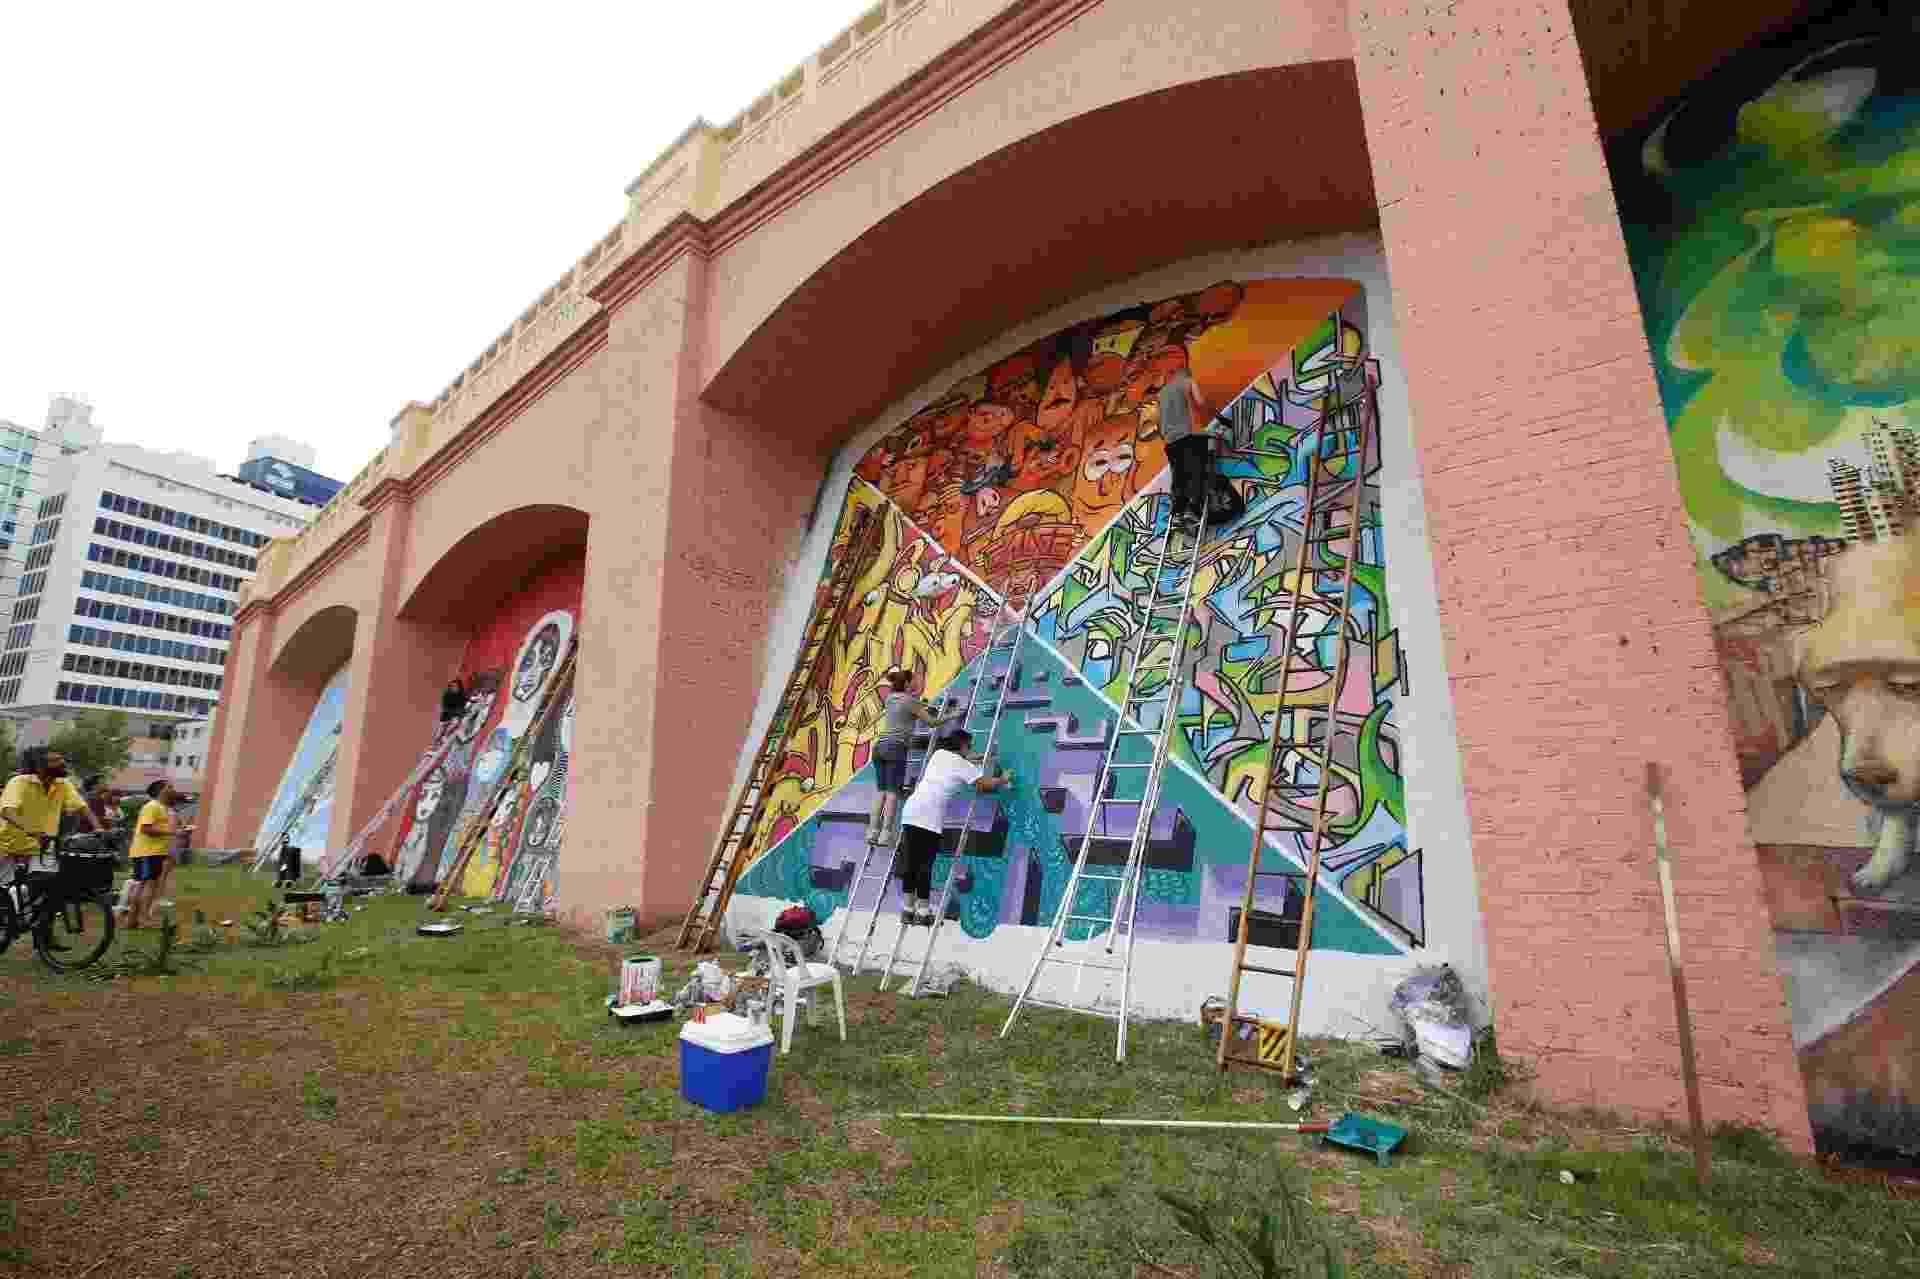 Prefeito de São Paulo João Dória diz que irá limpar vários muros e painéis espalhados pela cidade, como os Arcos do Jânio - Moacyr Lopes Junior/Folhapress